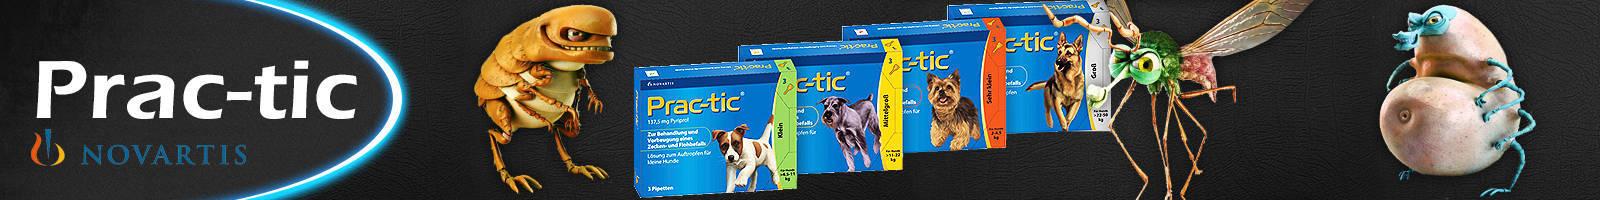 Antiparasitario Prac-Tic para perros, tratamiento prevención de pulgas